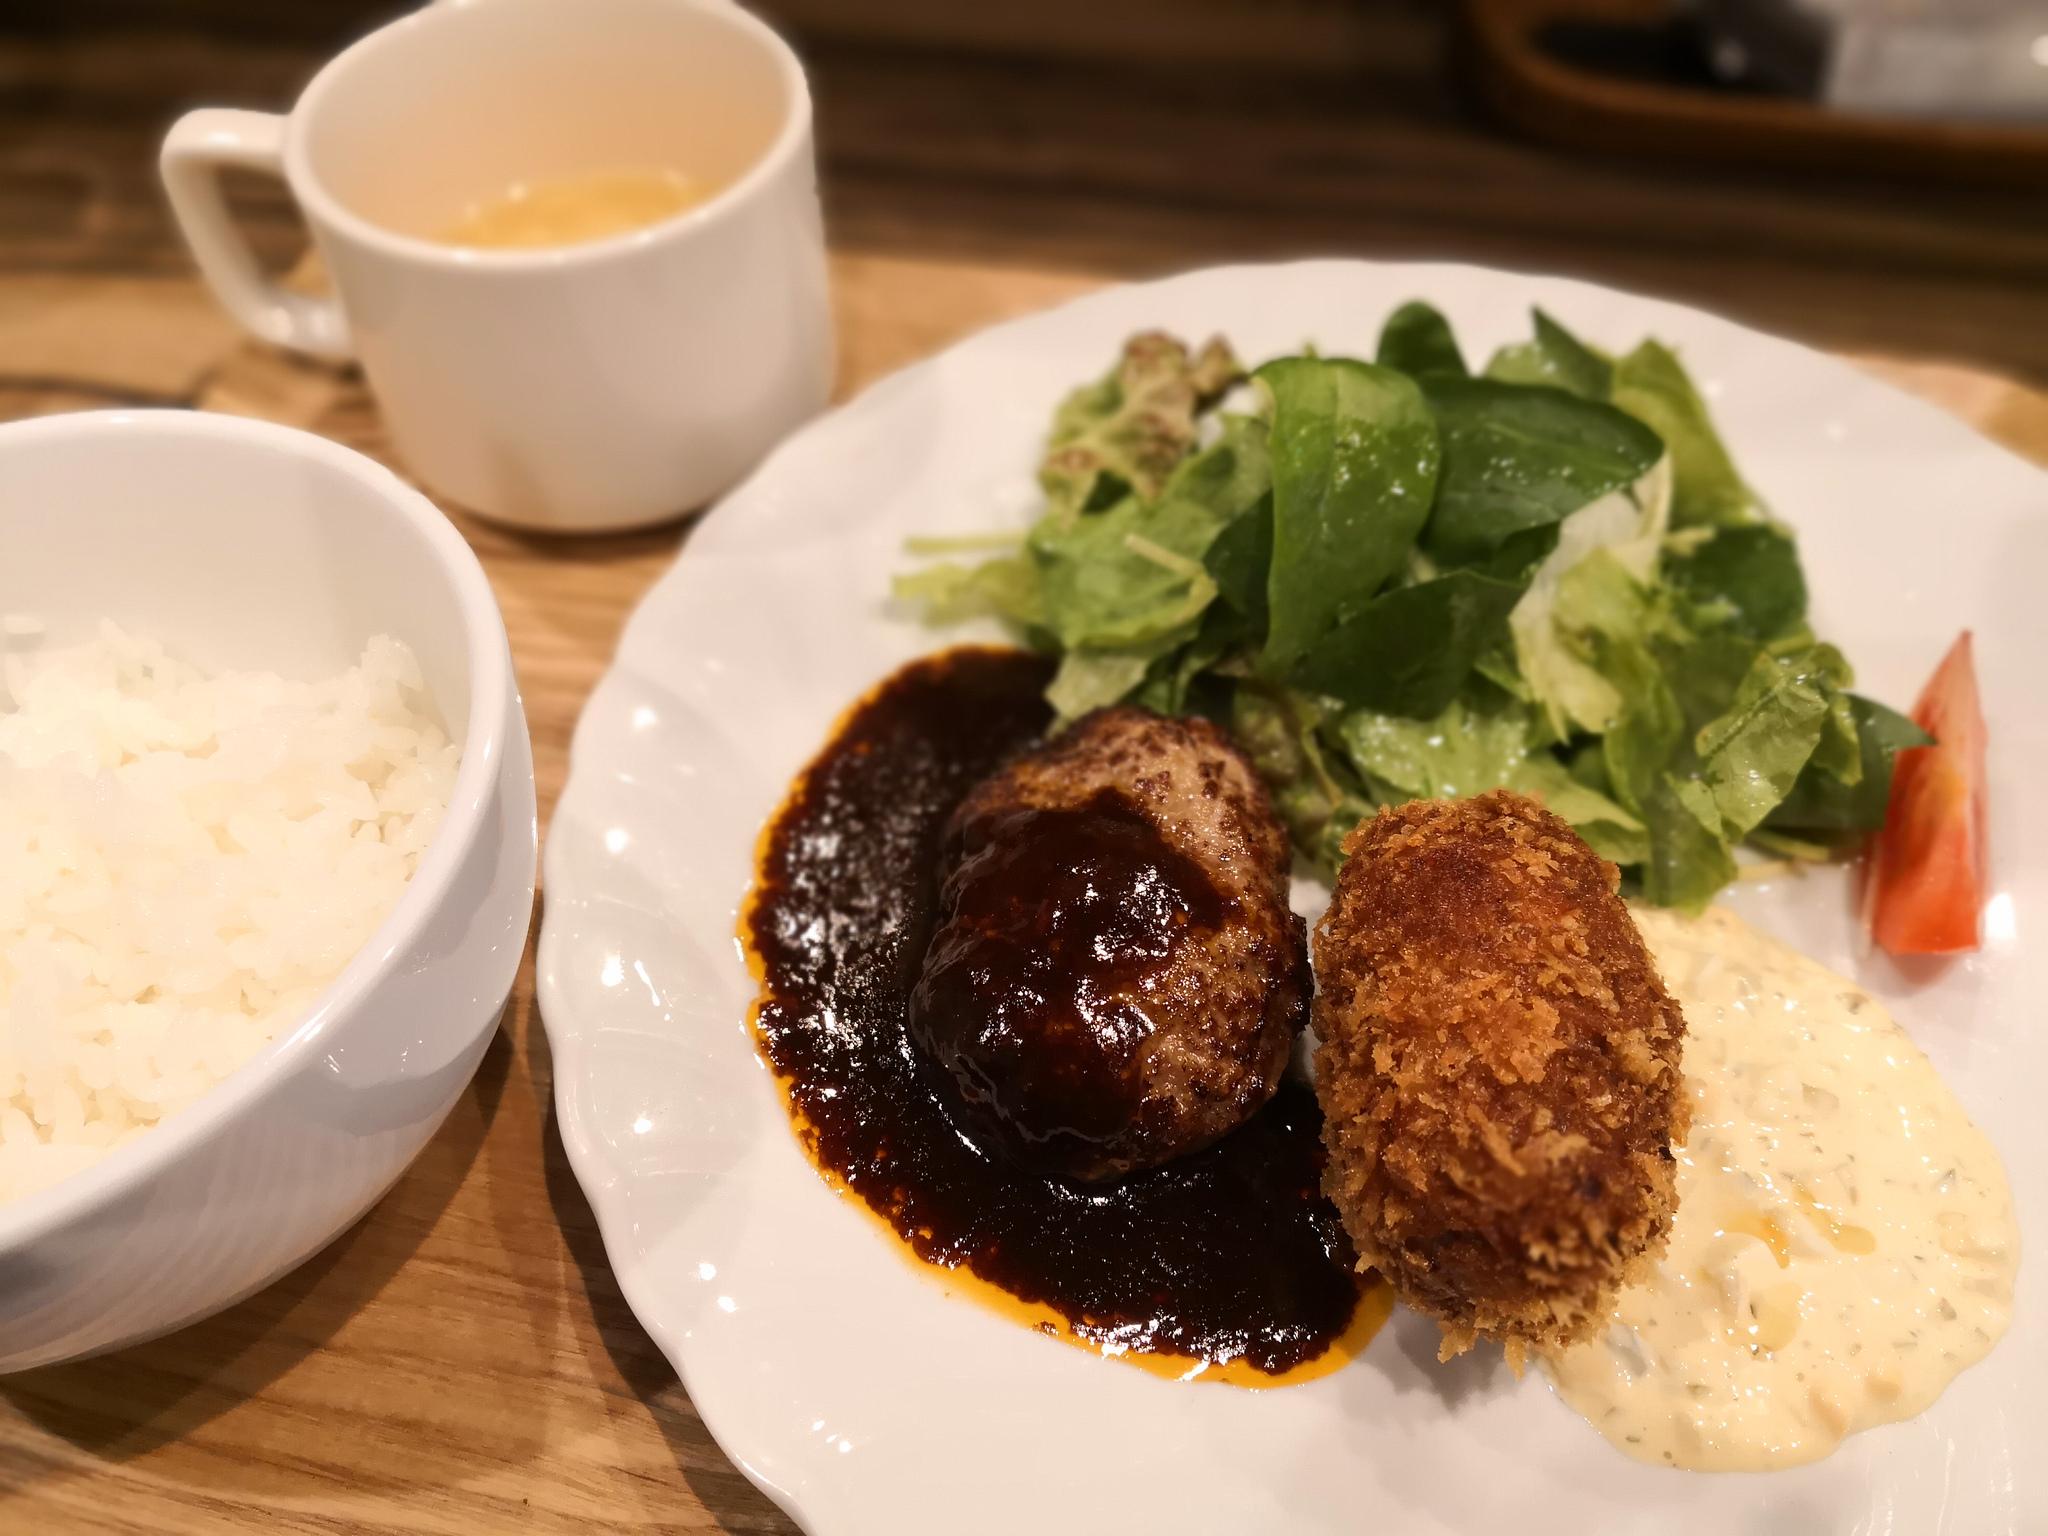 【五反田】洋食居酒屋 なっちゃん@裏路地にひっそりとある洋食ランチ。量は少なめですが味はいい感じ。